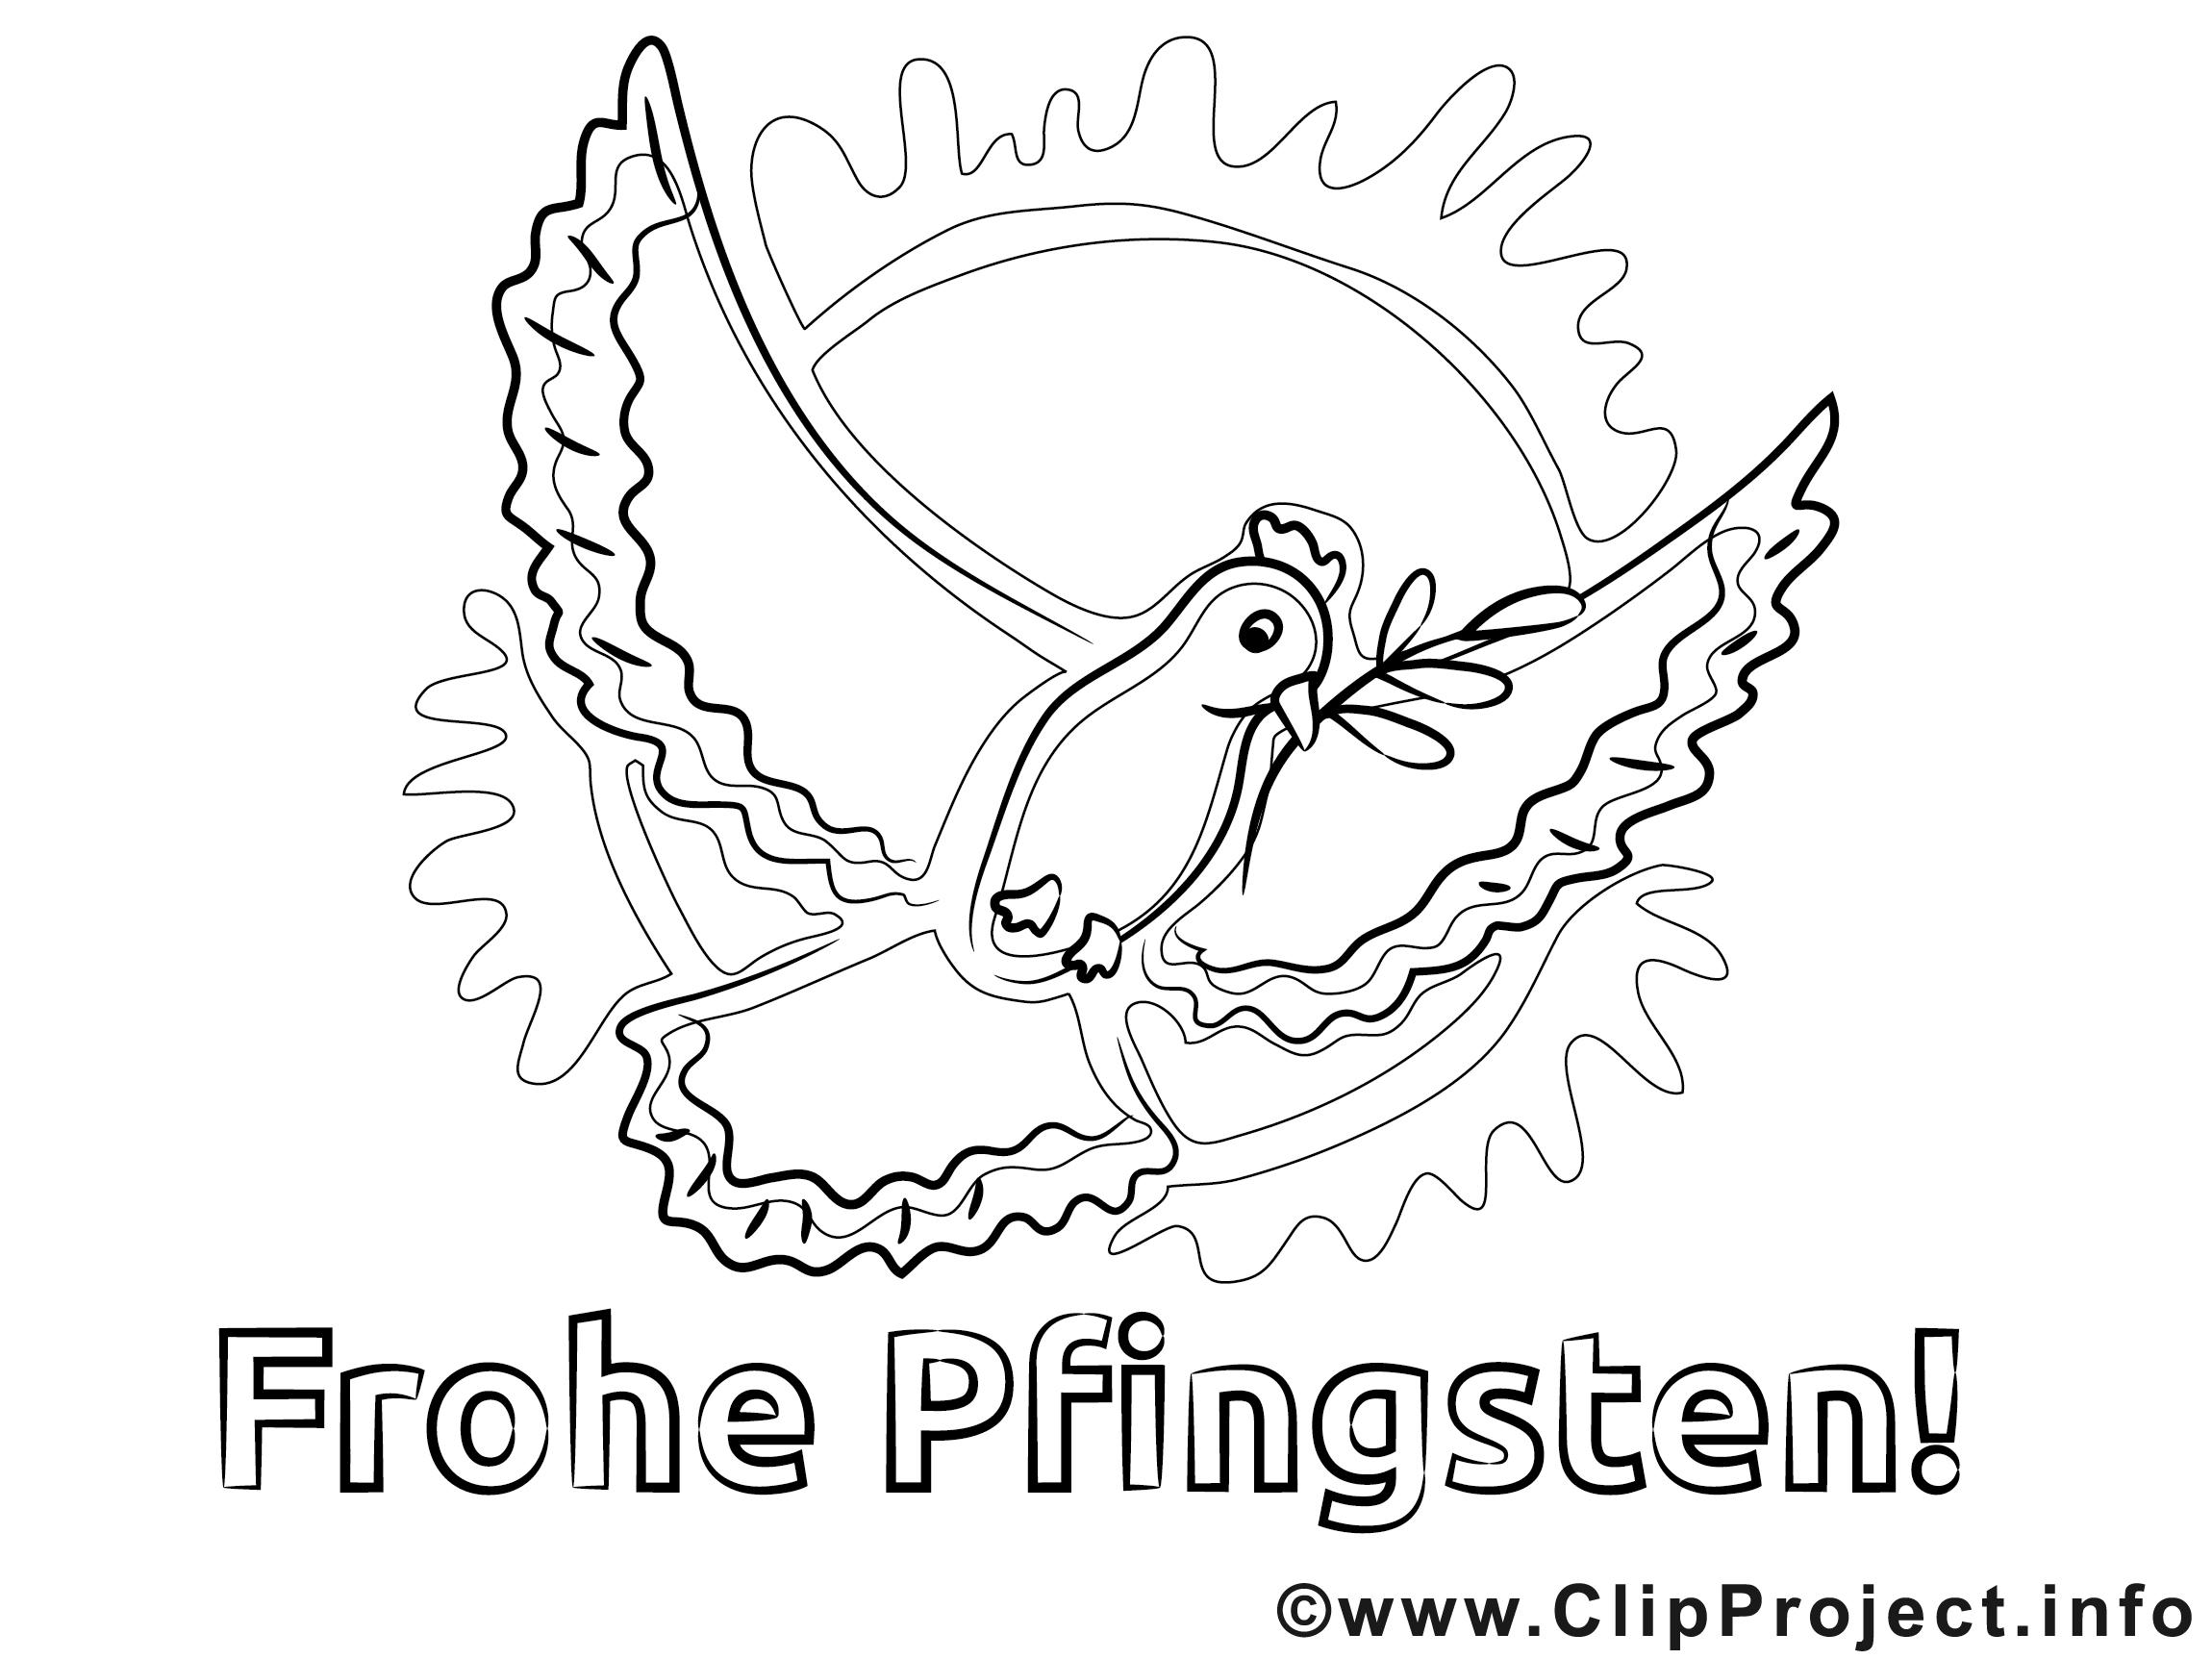 Pfingstfest Bild zum Ausmalen